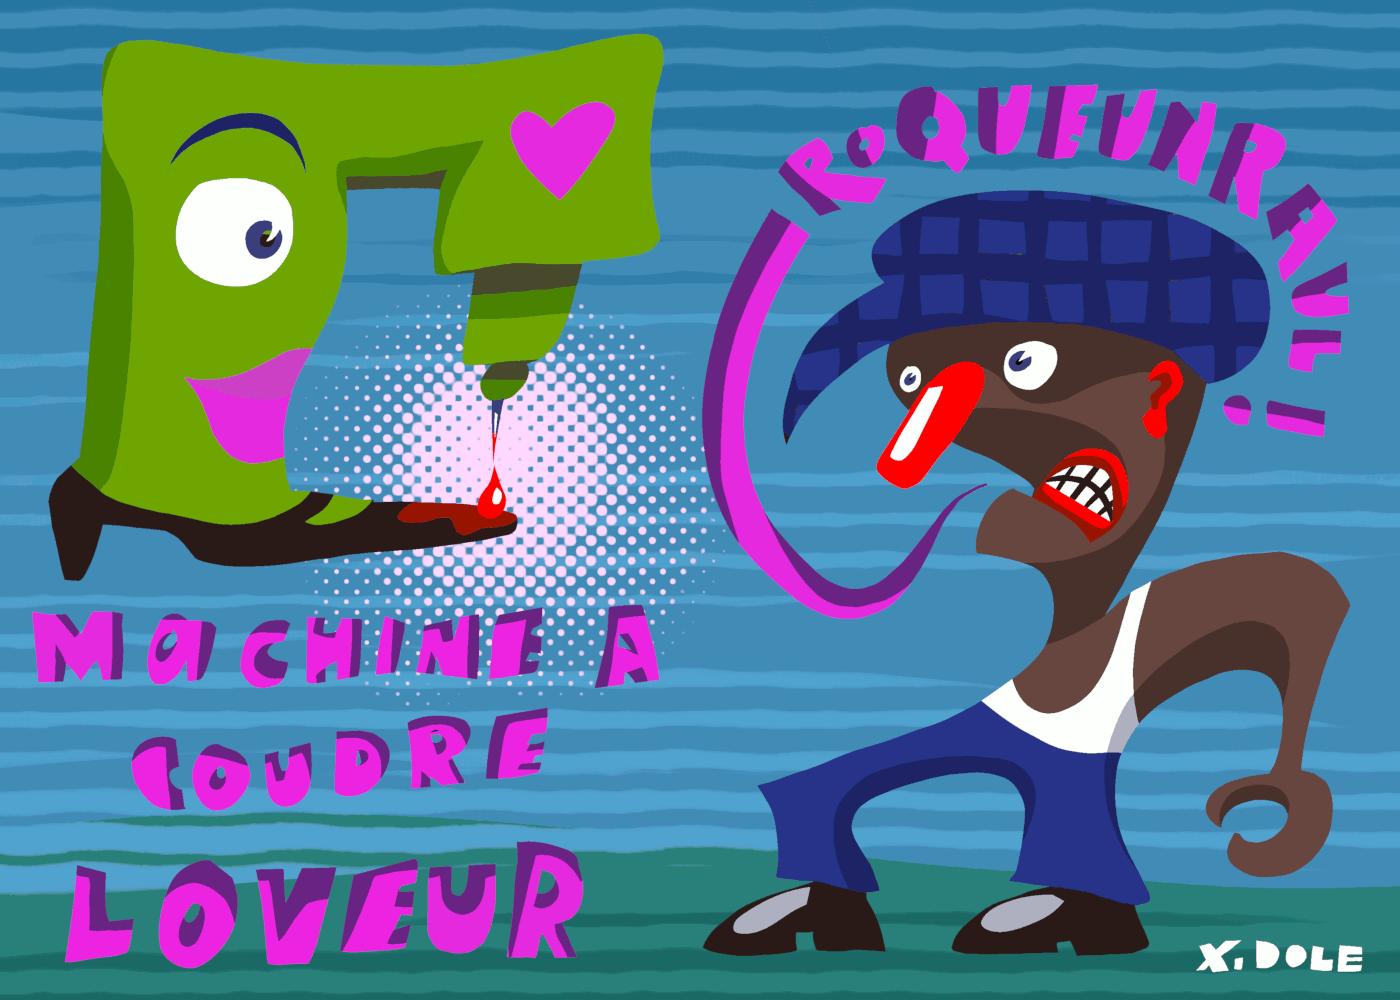 Machine à coudre Loveur – dessin Xavier Dole